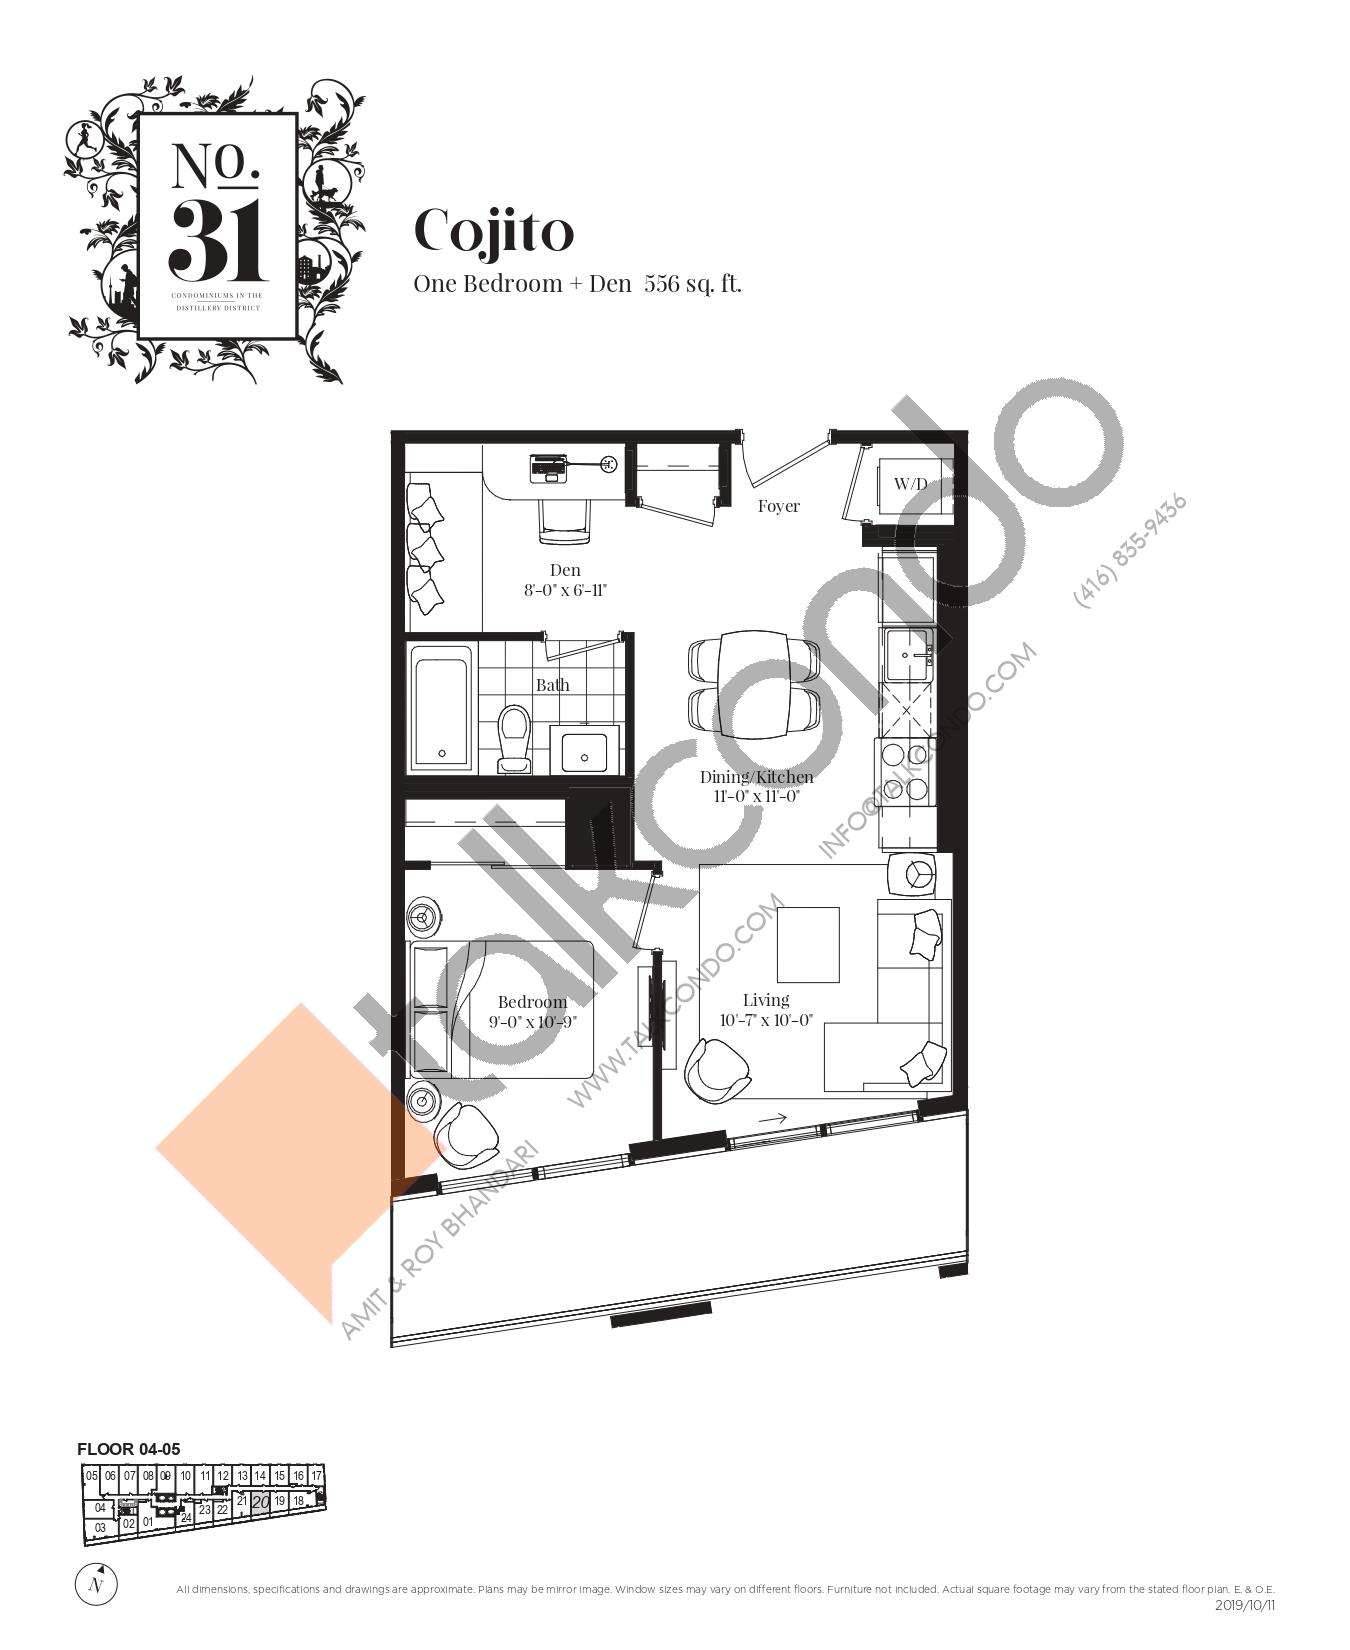 Cojito Floor Plan at No. 31 Condos - 556 sq.ft